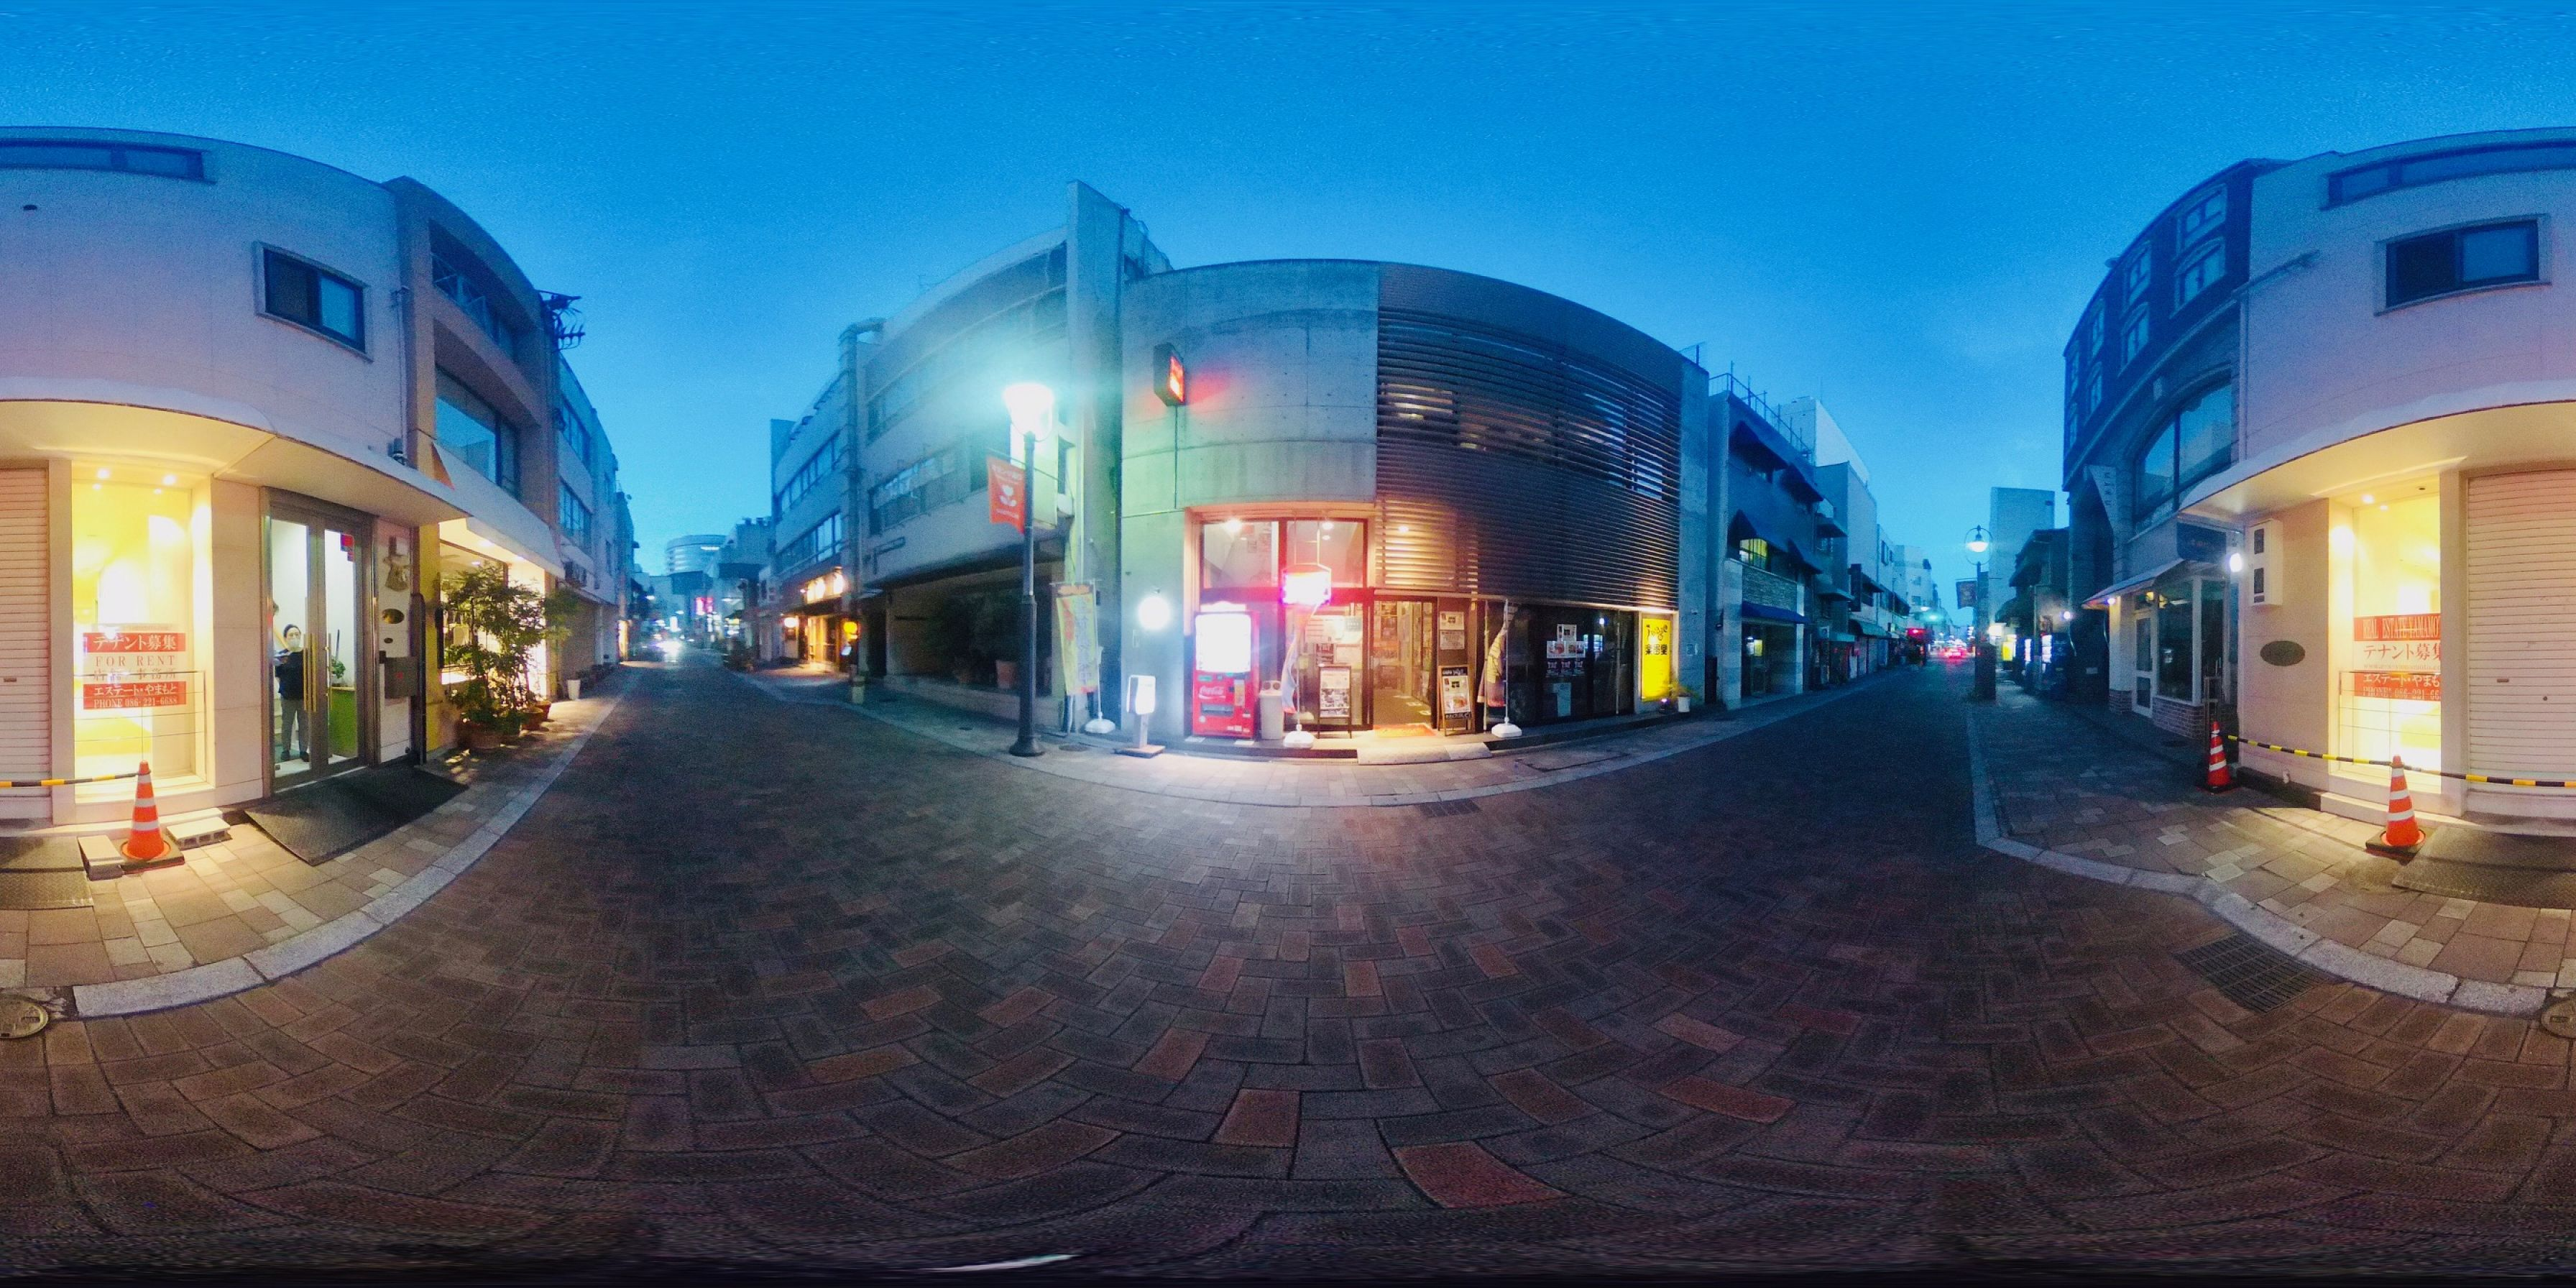 岡山市北区表町1 賃貸店舗 -パノラマ画像